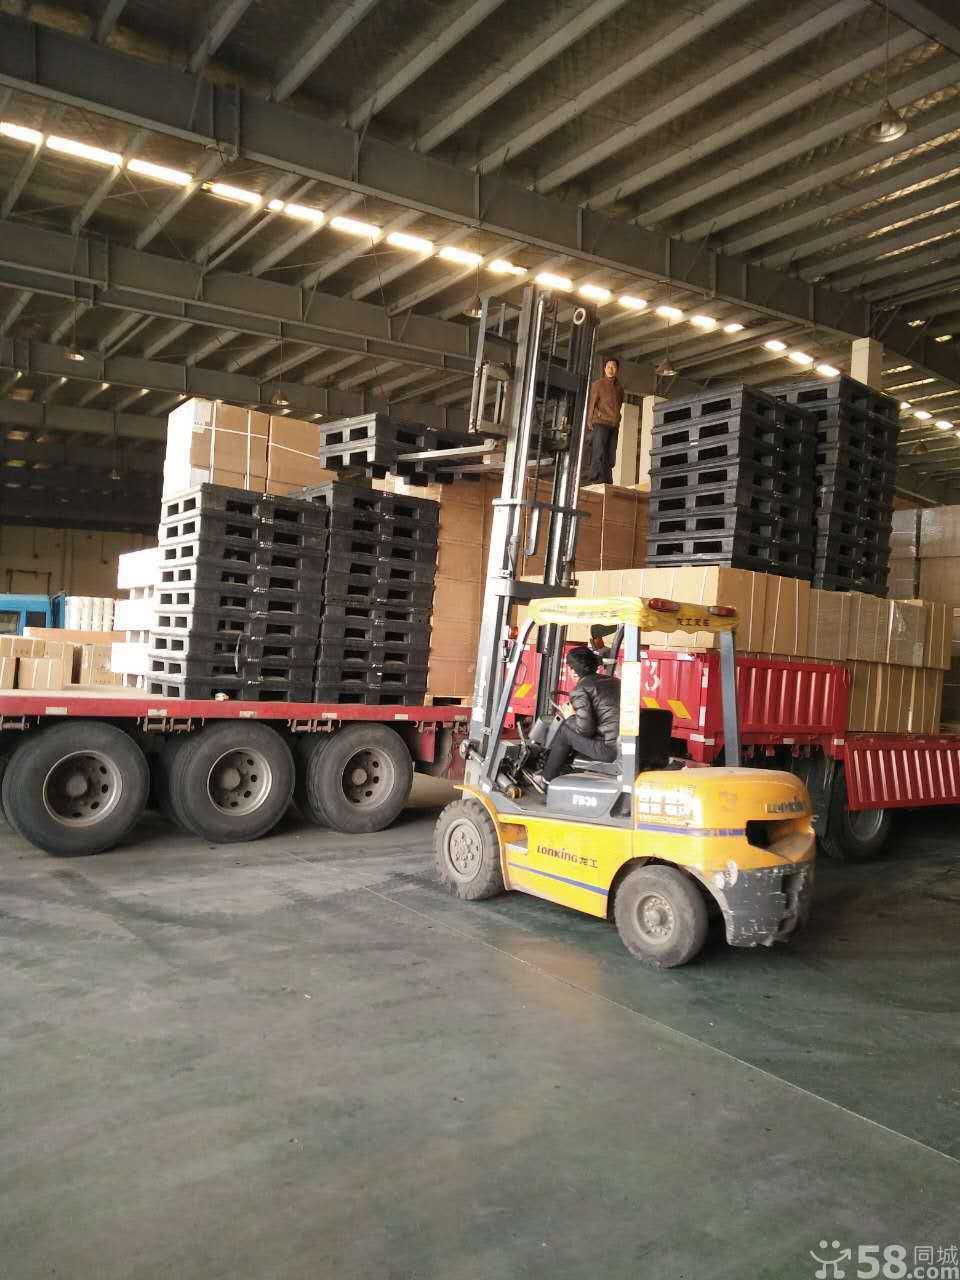 潍坊物流到全国物流货运承接市区整车货物运输,以及零担货物